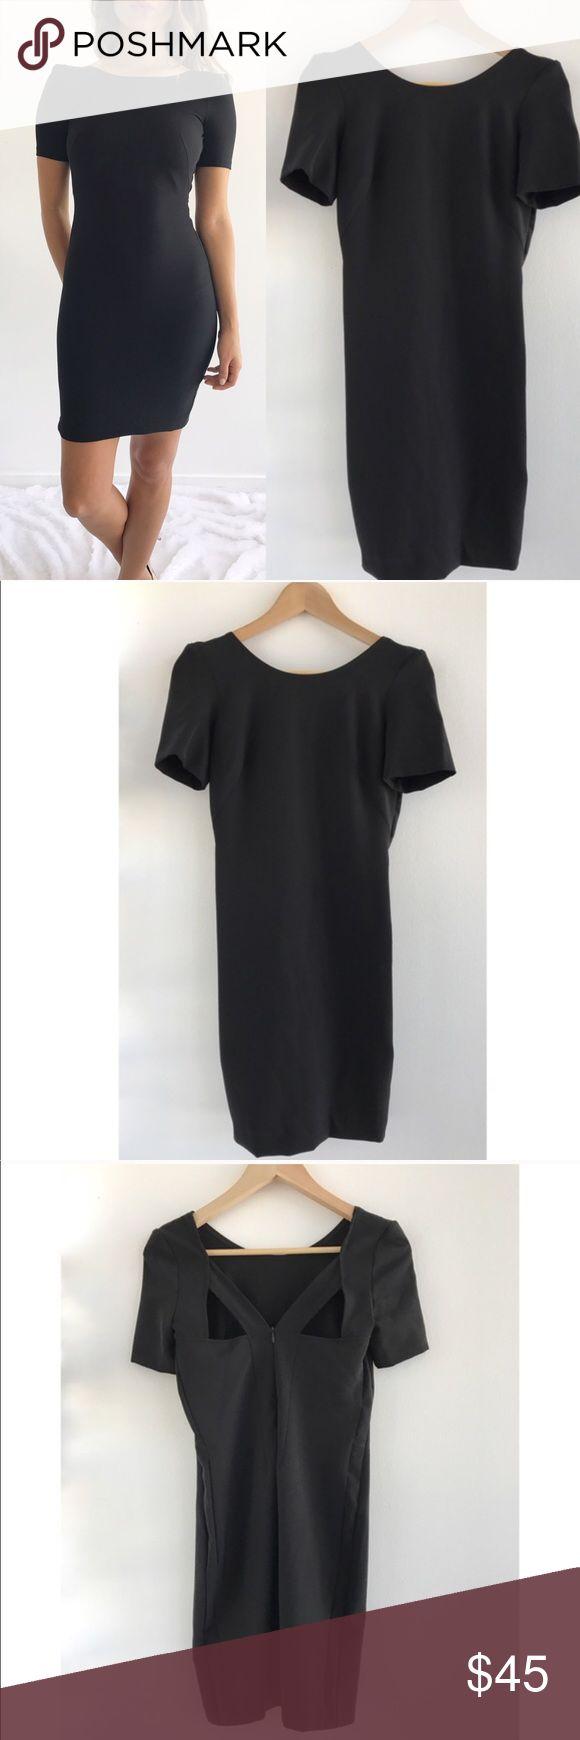 Black t shirt dress zara - Zara Black Mini Cocktail Dress Zara Black Mini Cocktail Dress This Is The Perfect Little